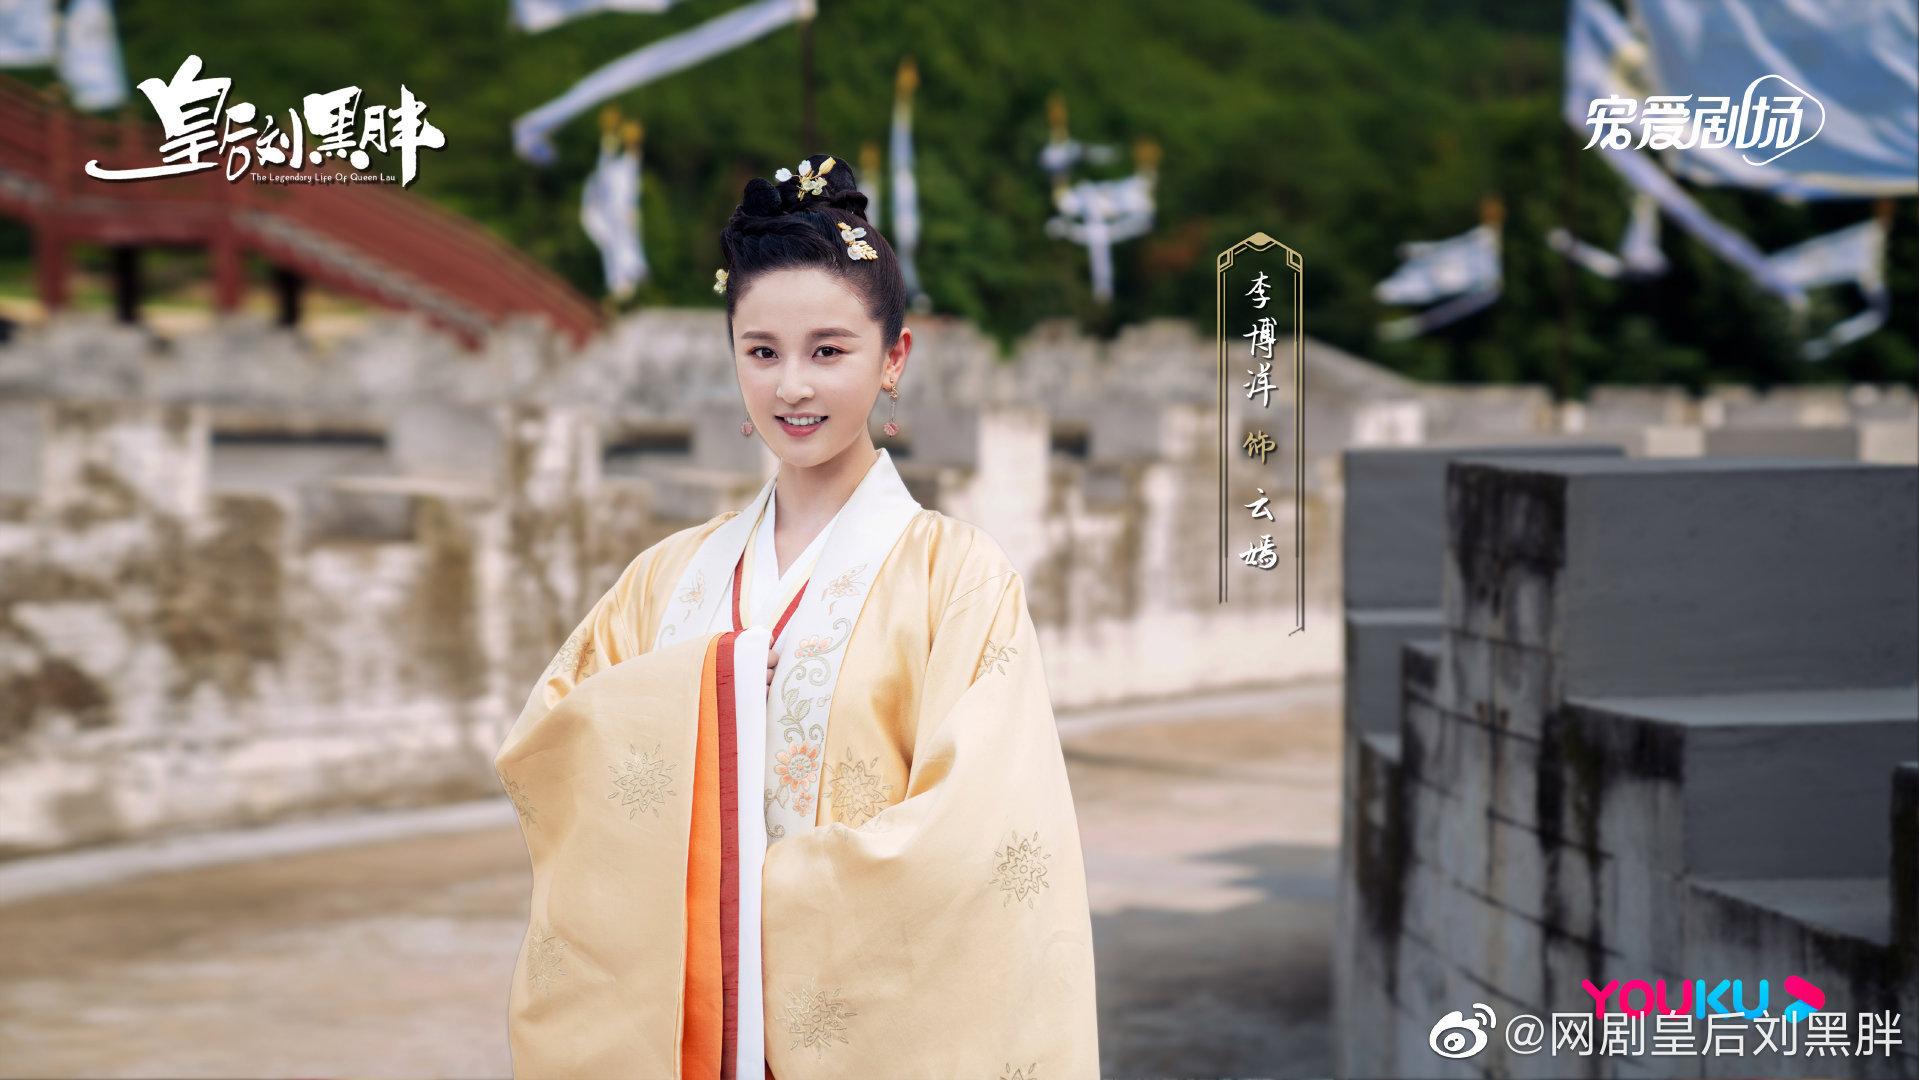 Hoàng Hậu Lưu Hắc Bàn